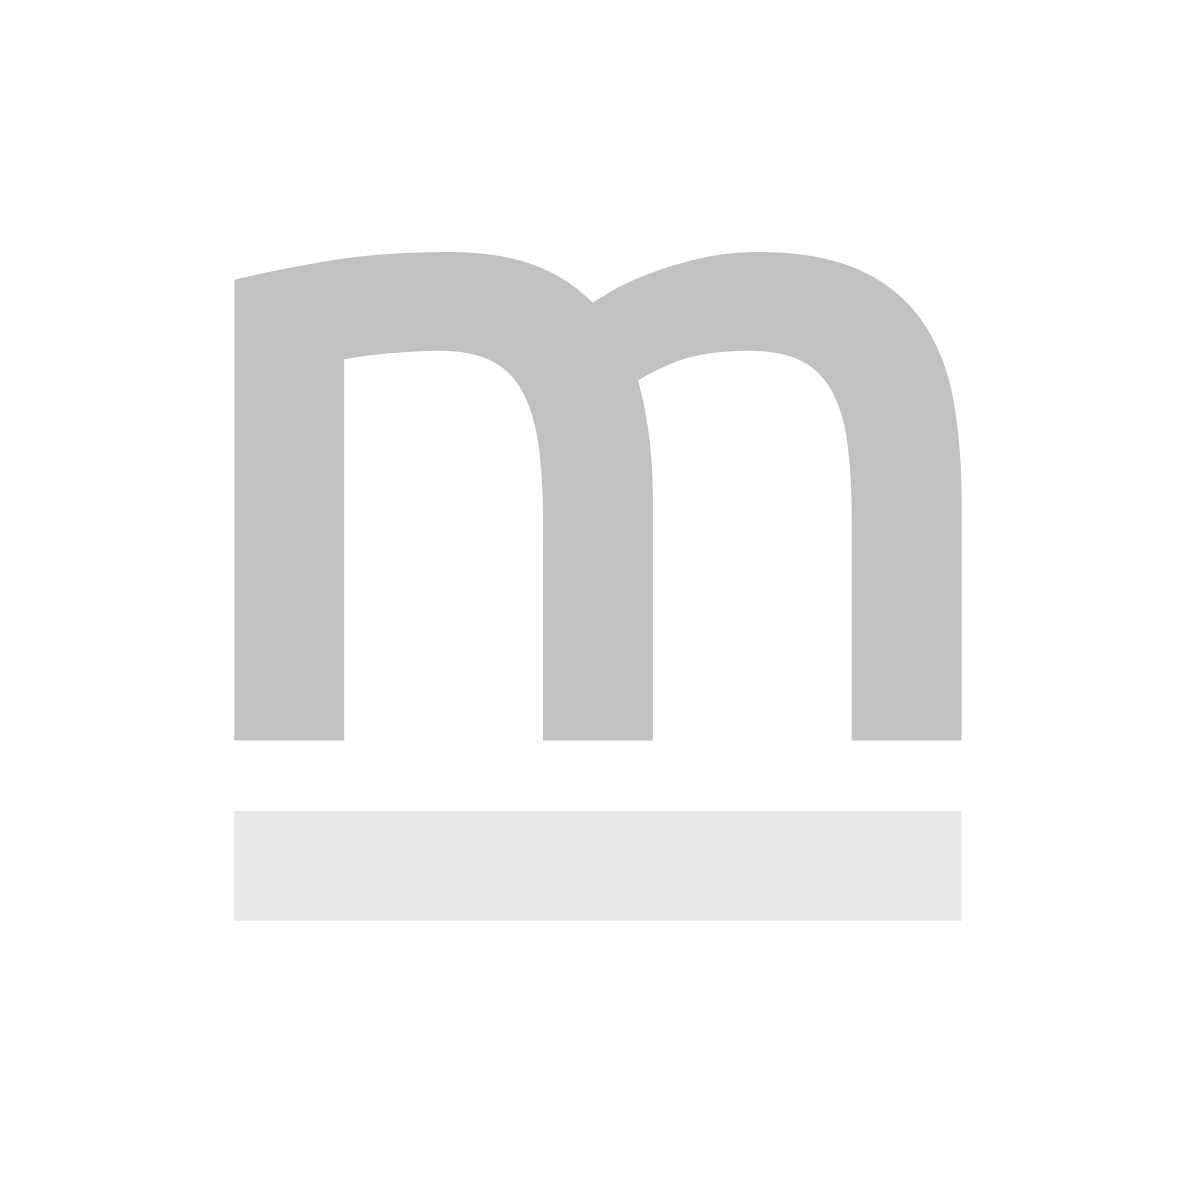 Dywan dziecięcy HIPPY STARS GREY 120x175 szary